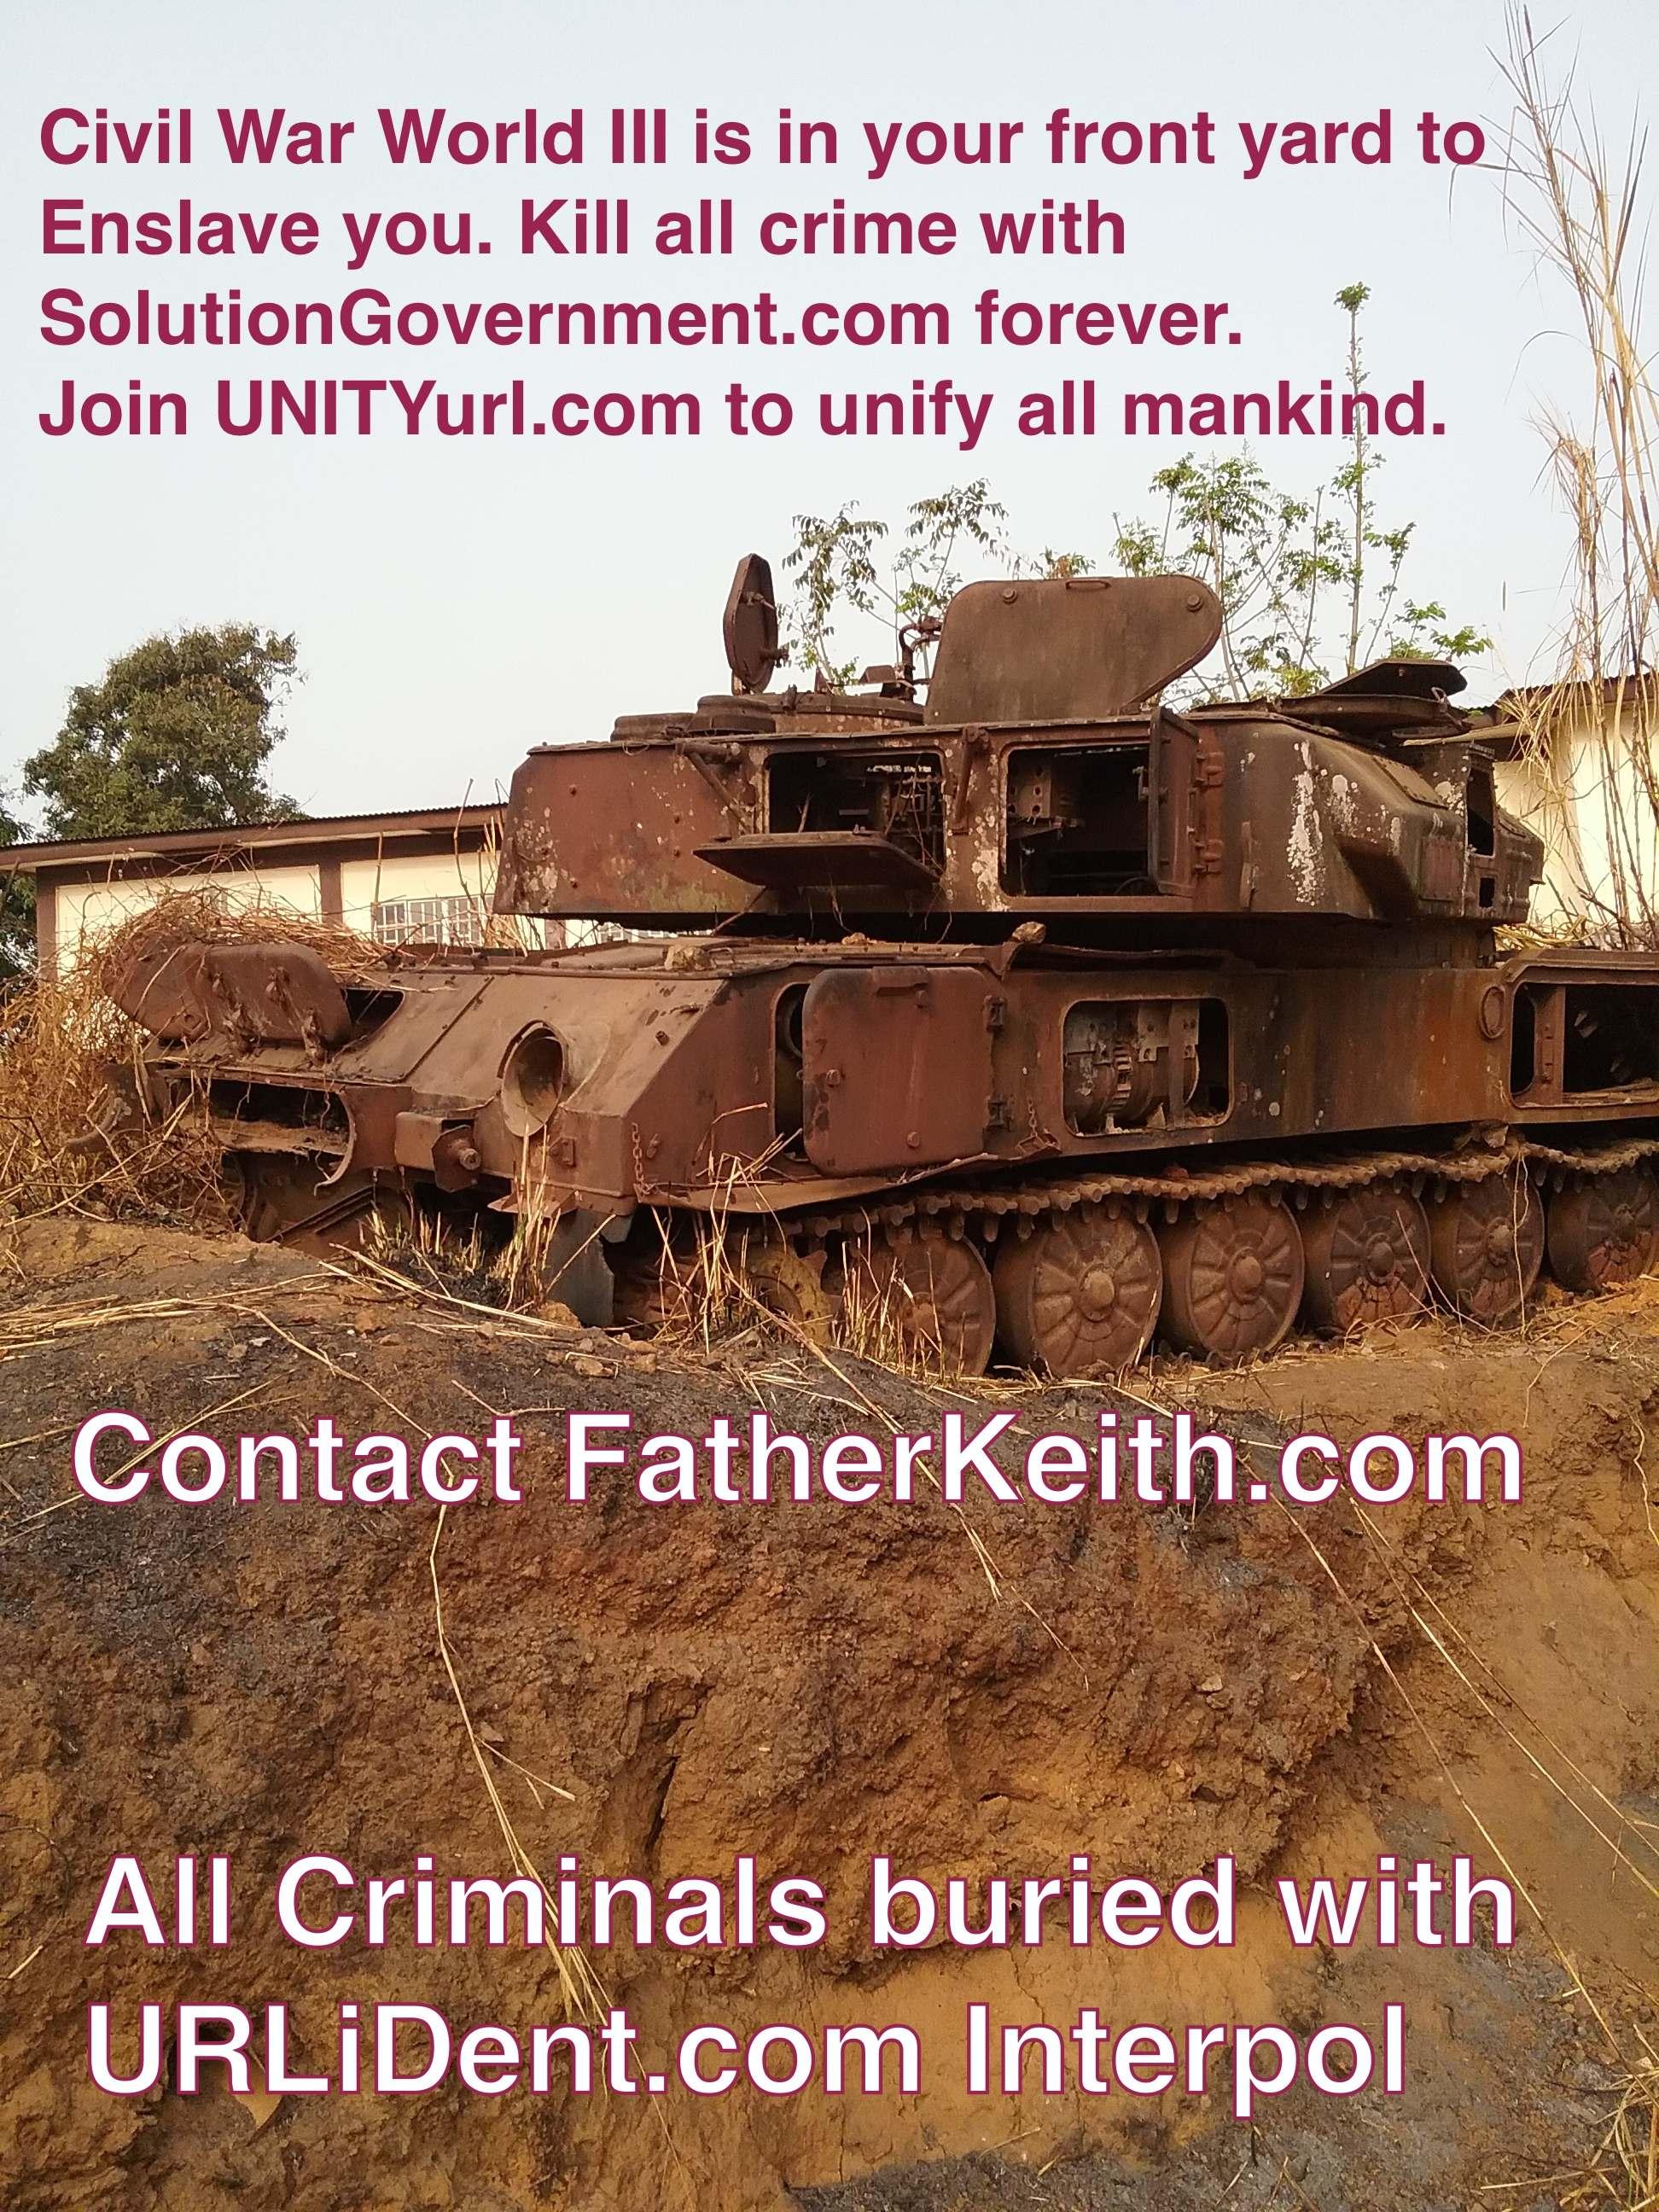 20160224_CivilWarTank-BuryAllCriminals-MasterSmall